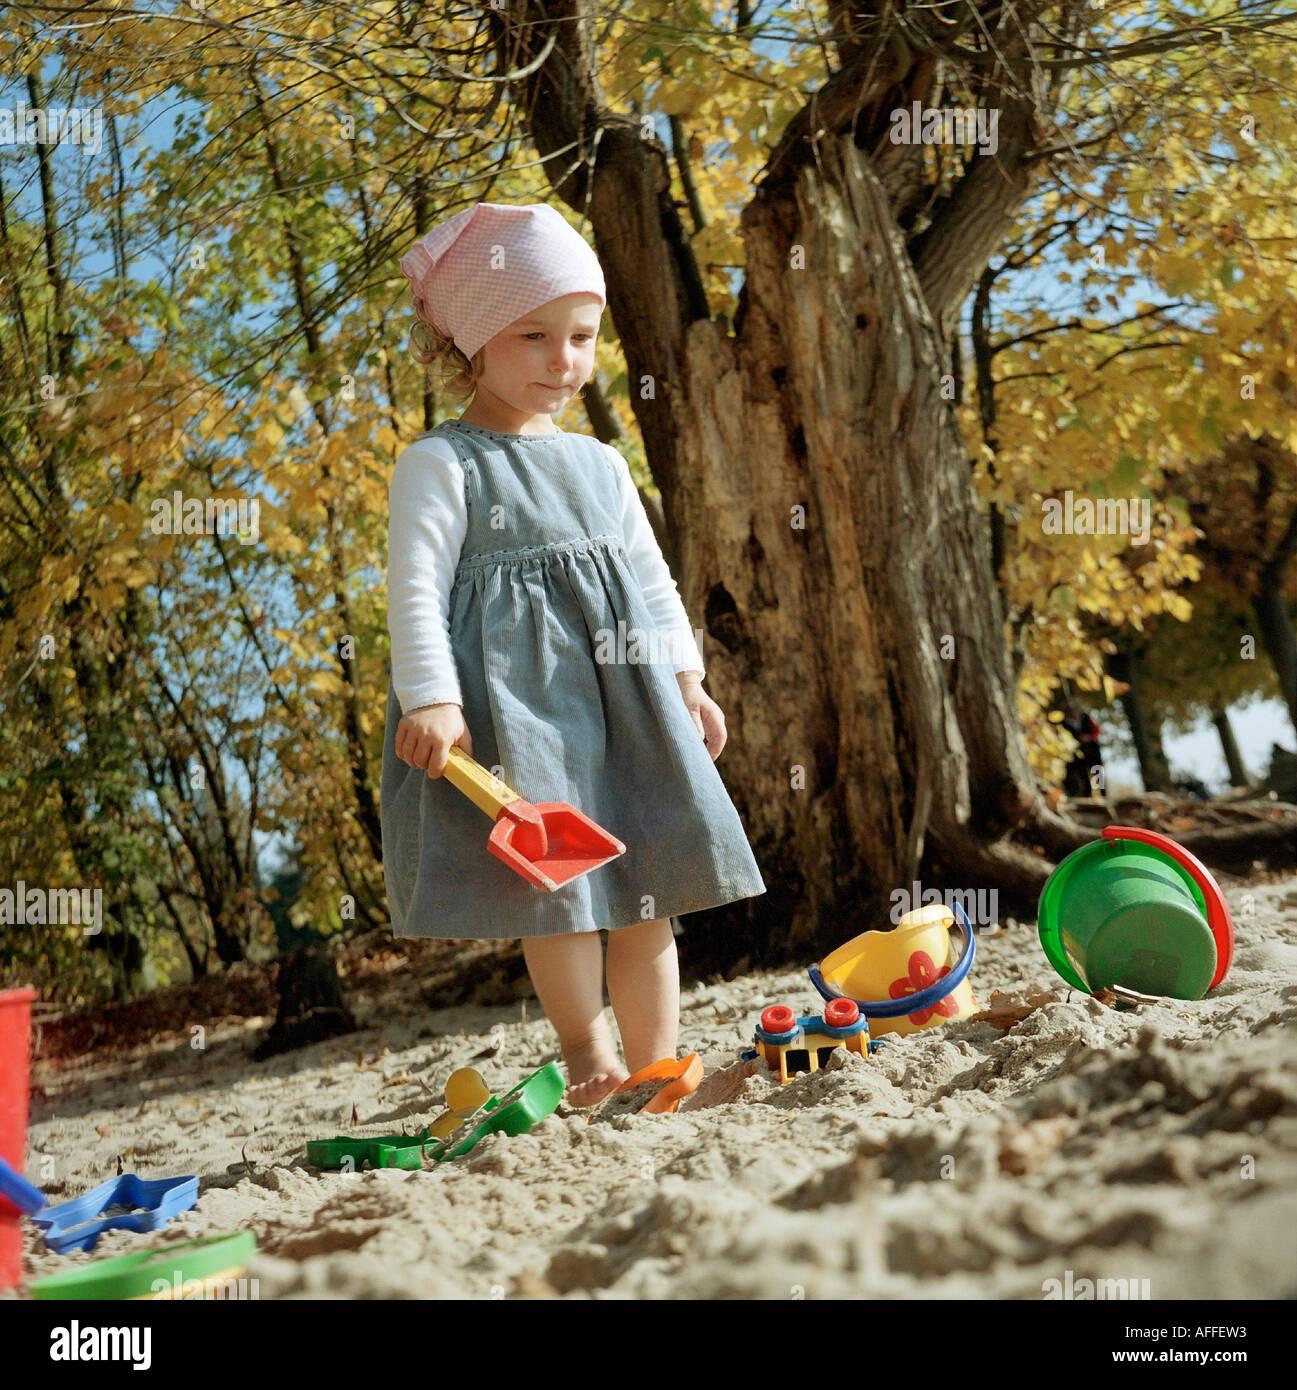 bcvr 50 4126 Zweijaehriges Kind spielt am Kinderstrand Wittenbergen im Sand MR vorhanden - Stock Image